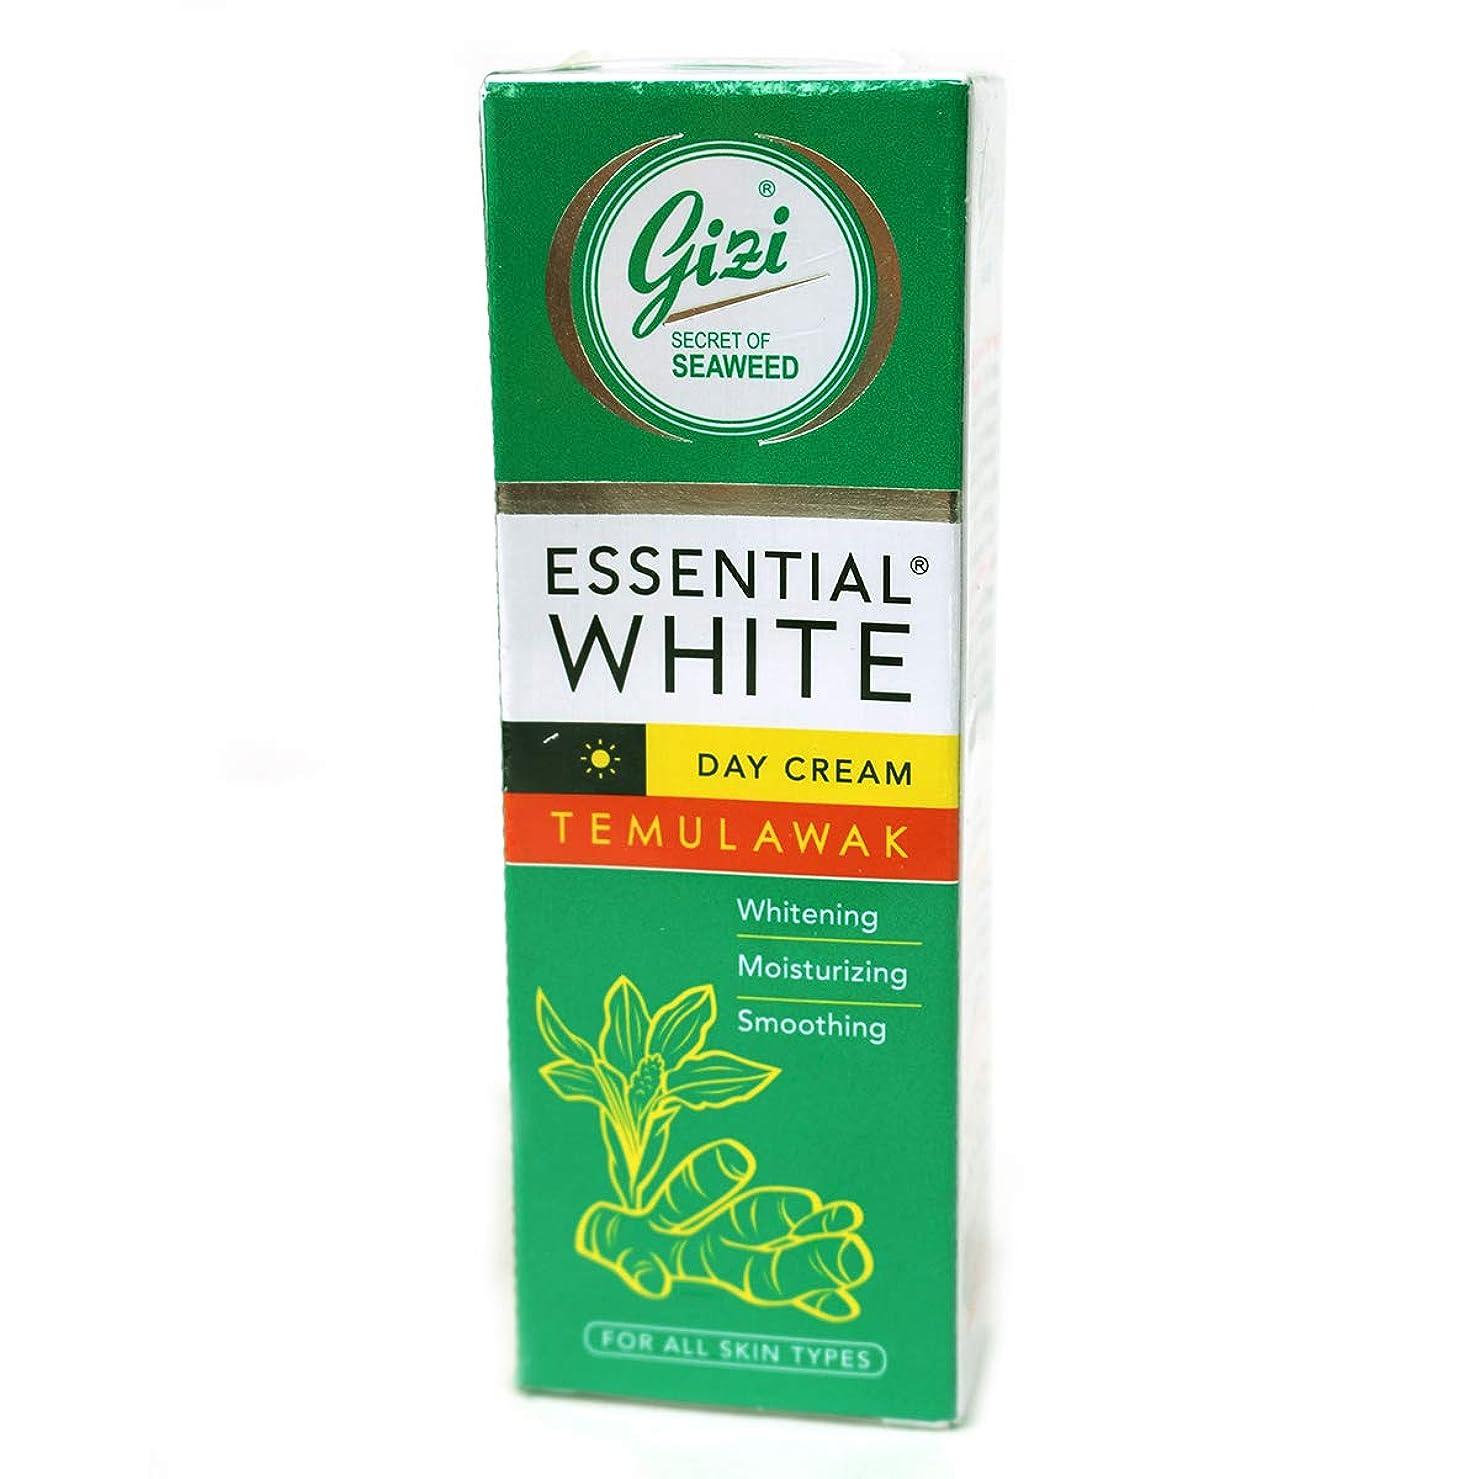 すべて立方体細心のギジ gizi Essential White 日中用スキンケアクリーム チューブタイプ 18g テムラワク ウコン など天然成分配合 [海外直送品]